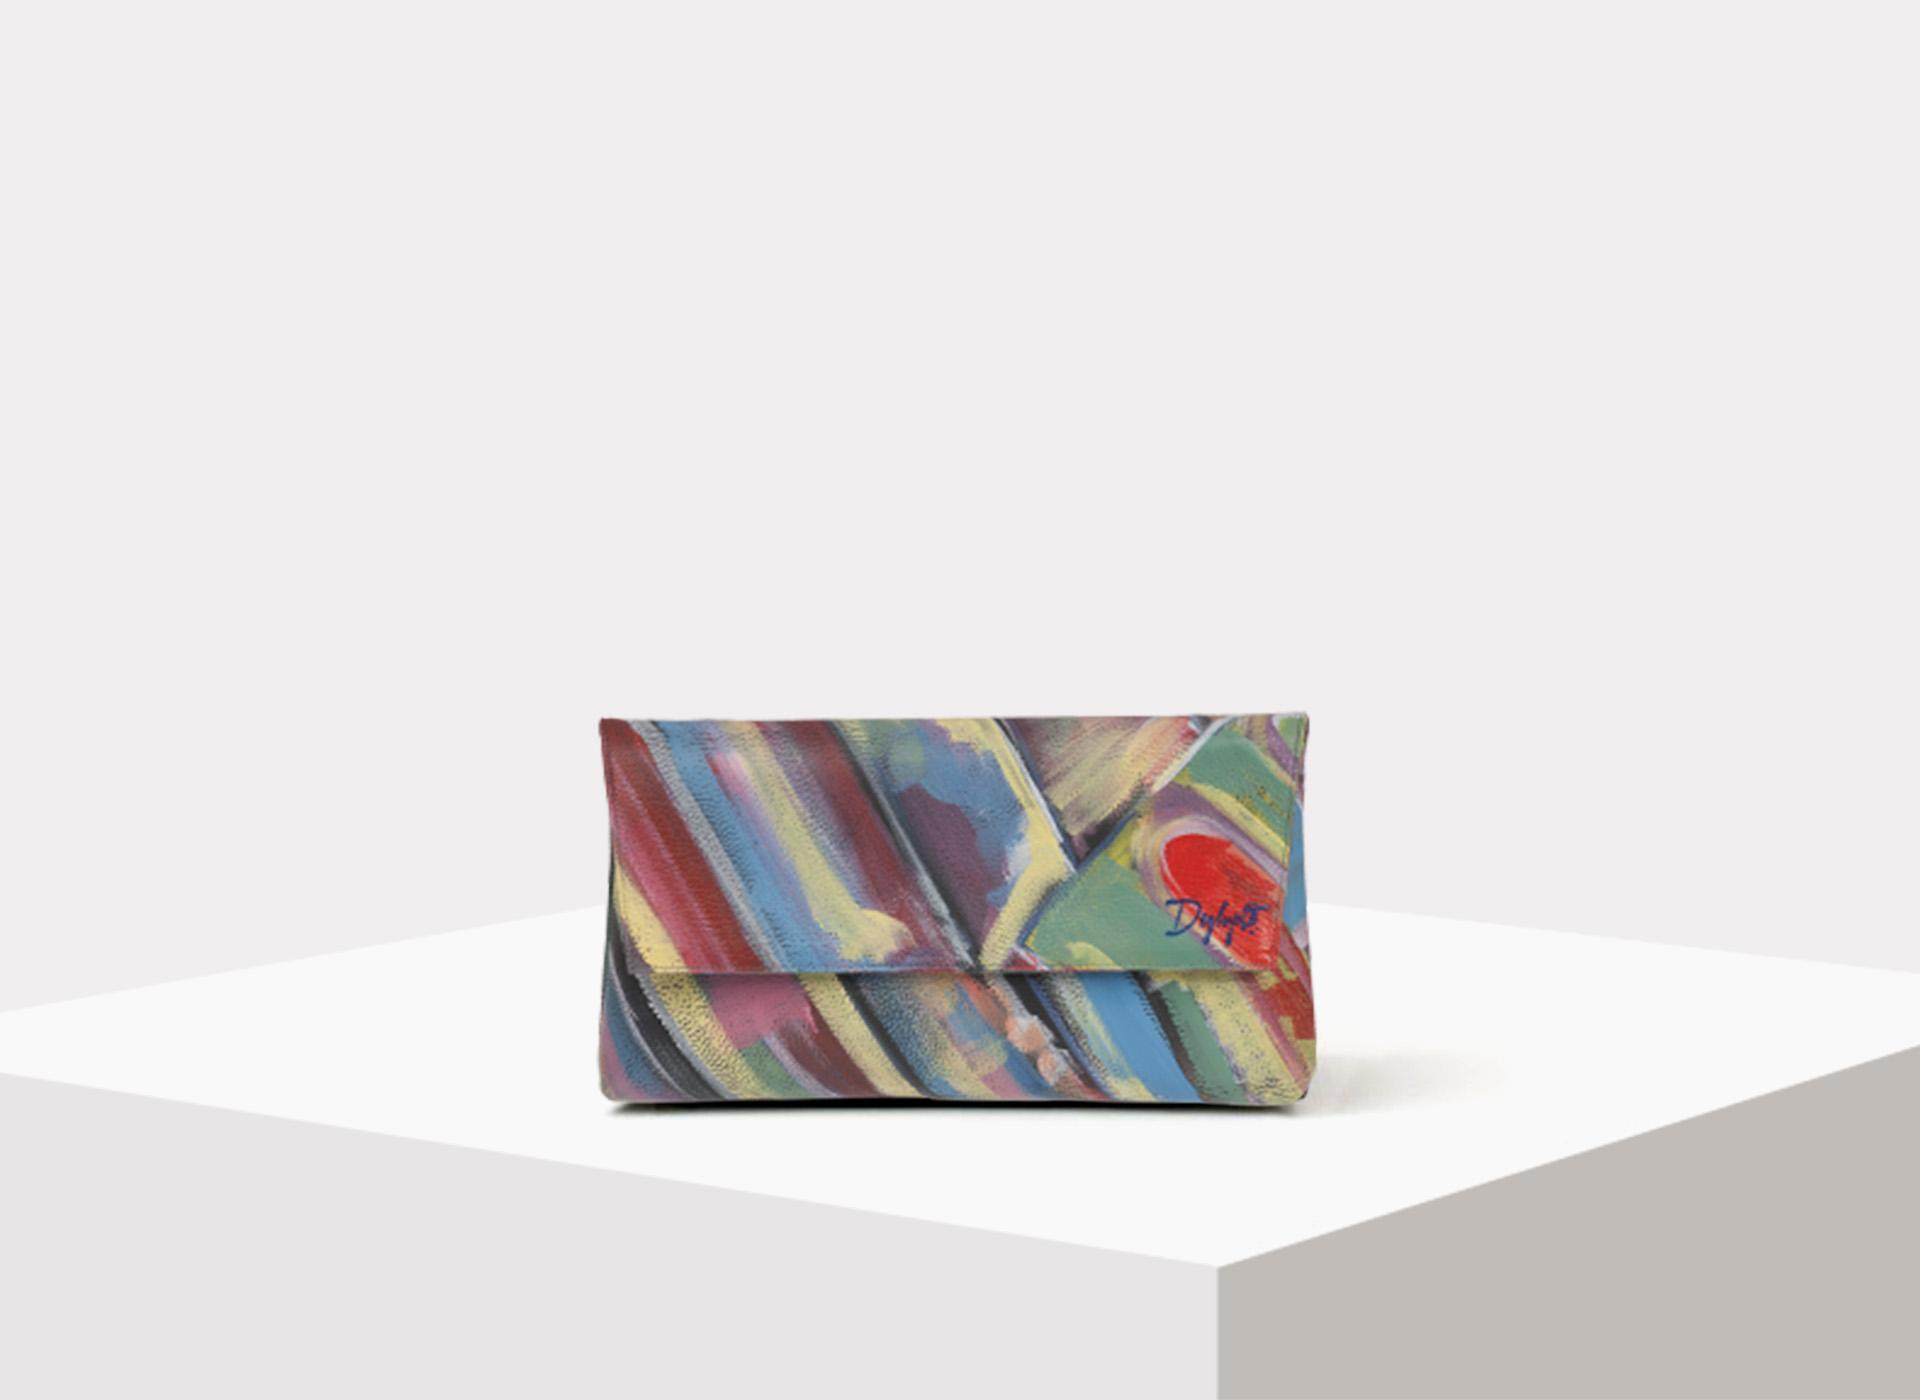 Bonsai 6006020019 - Deglupta